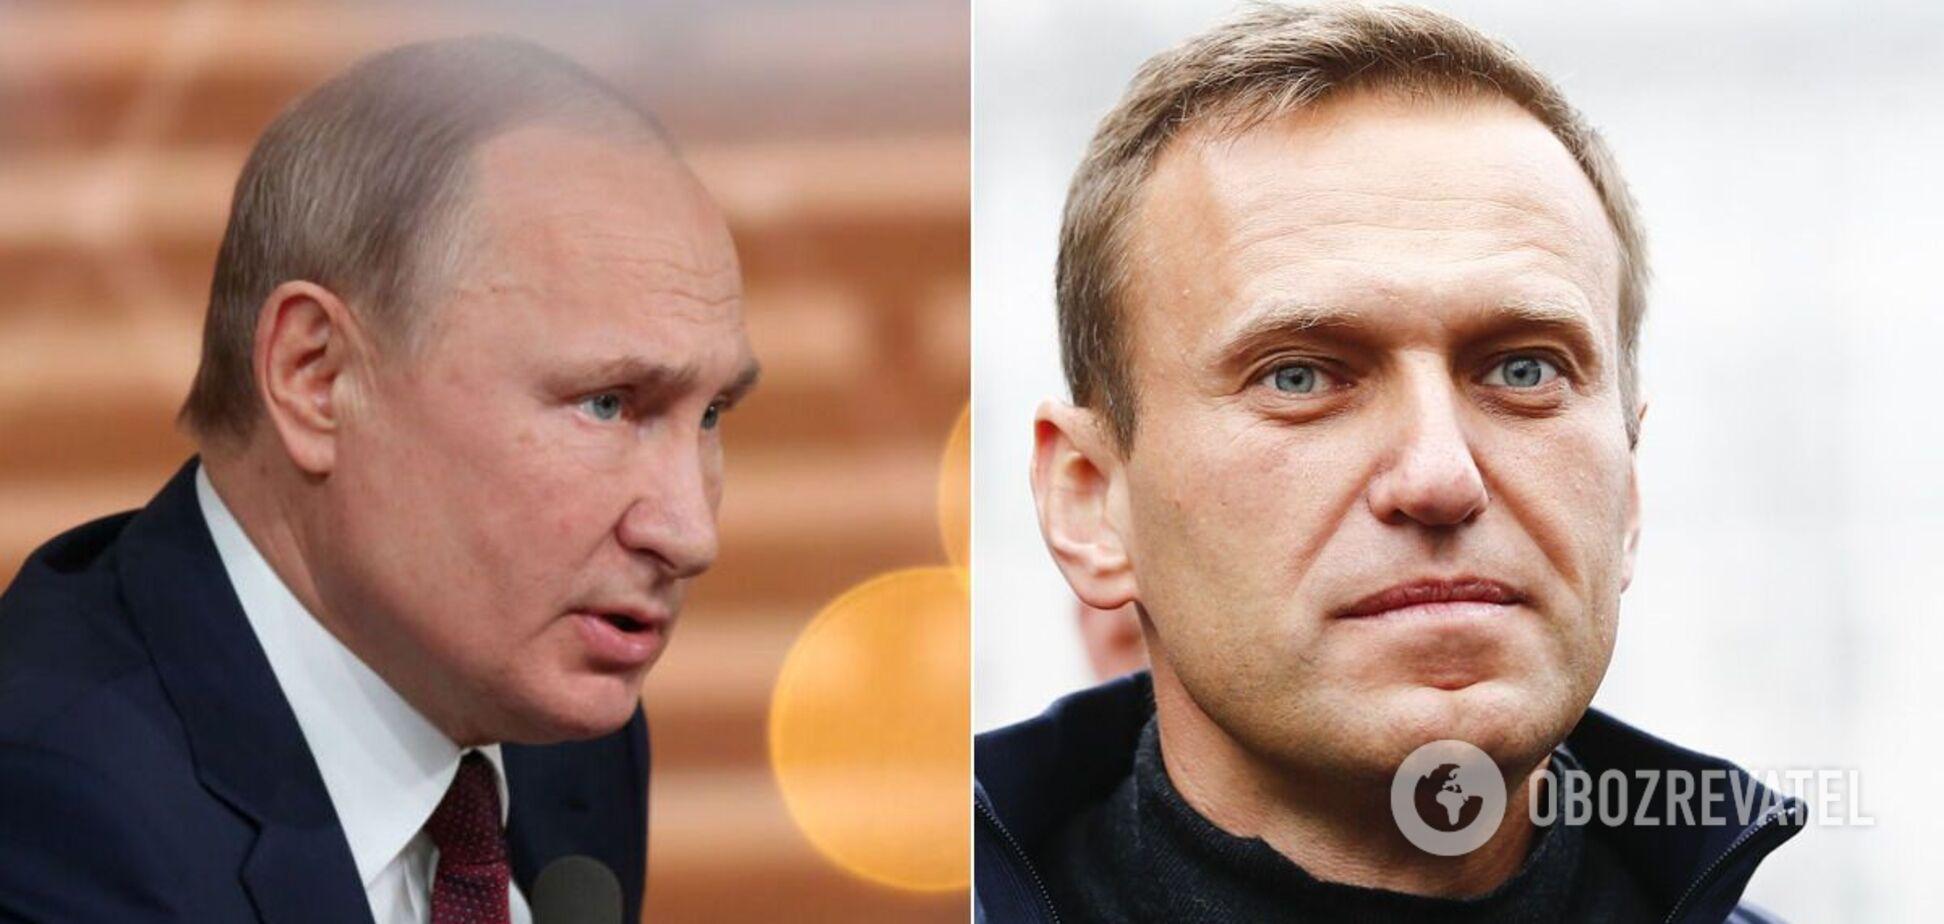 А может, Навальный и есть тот самый 'преемник' Путина?